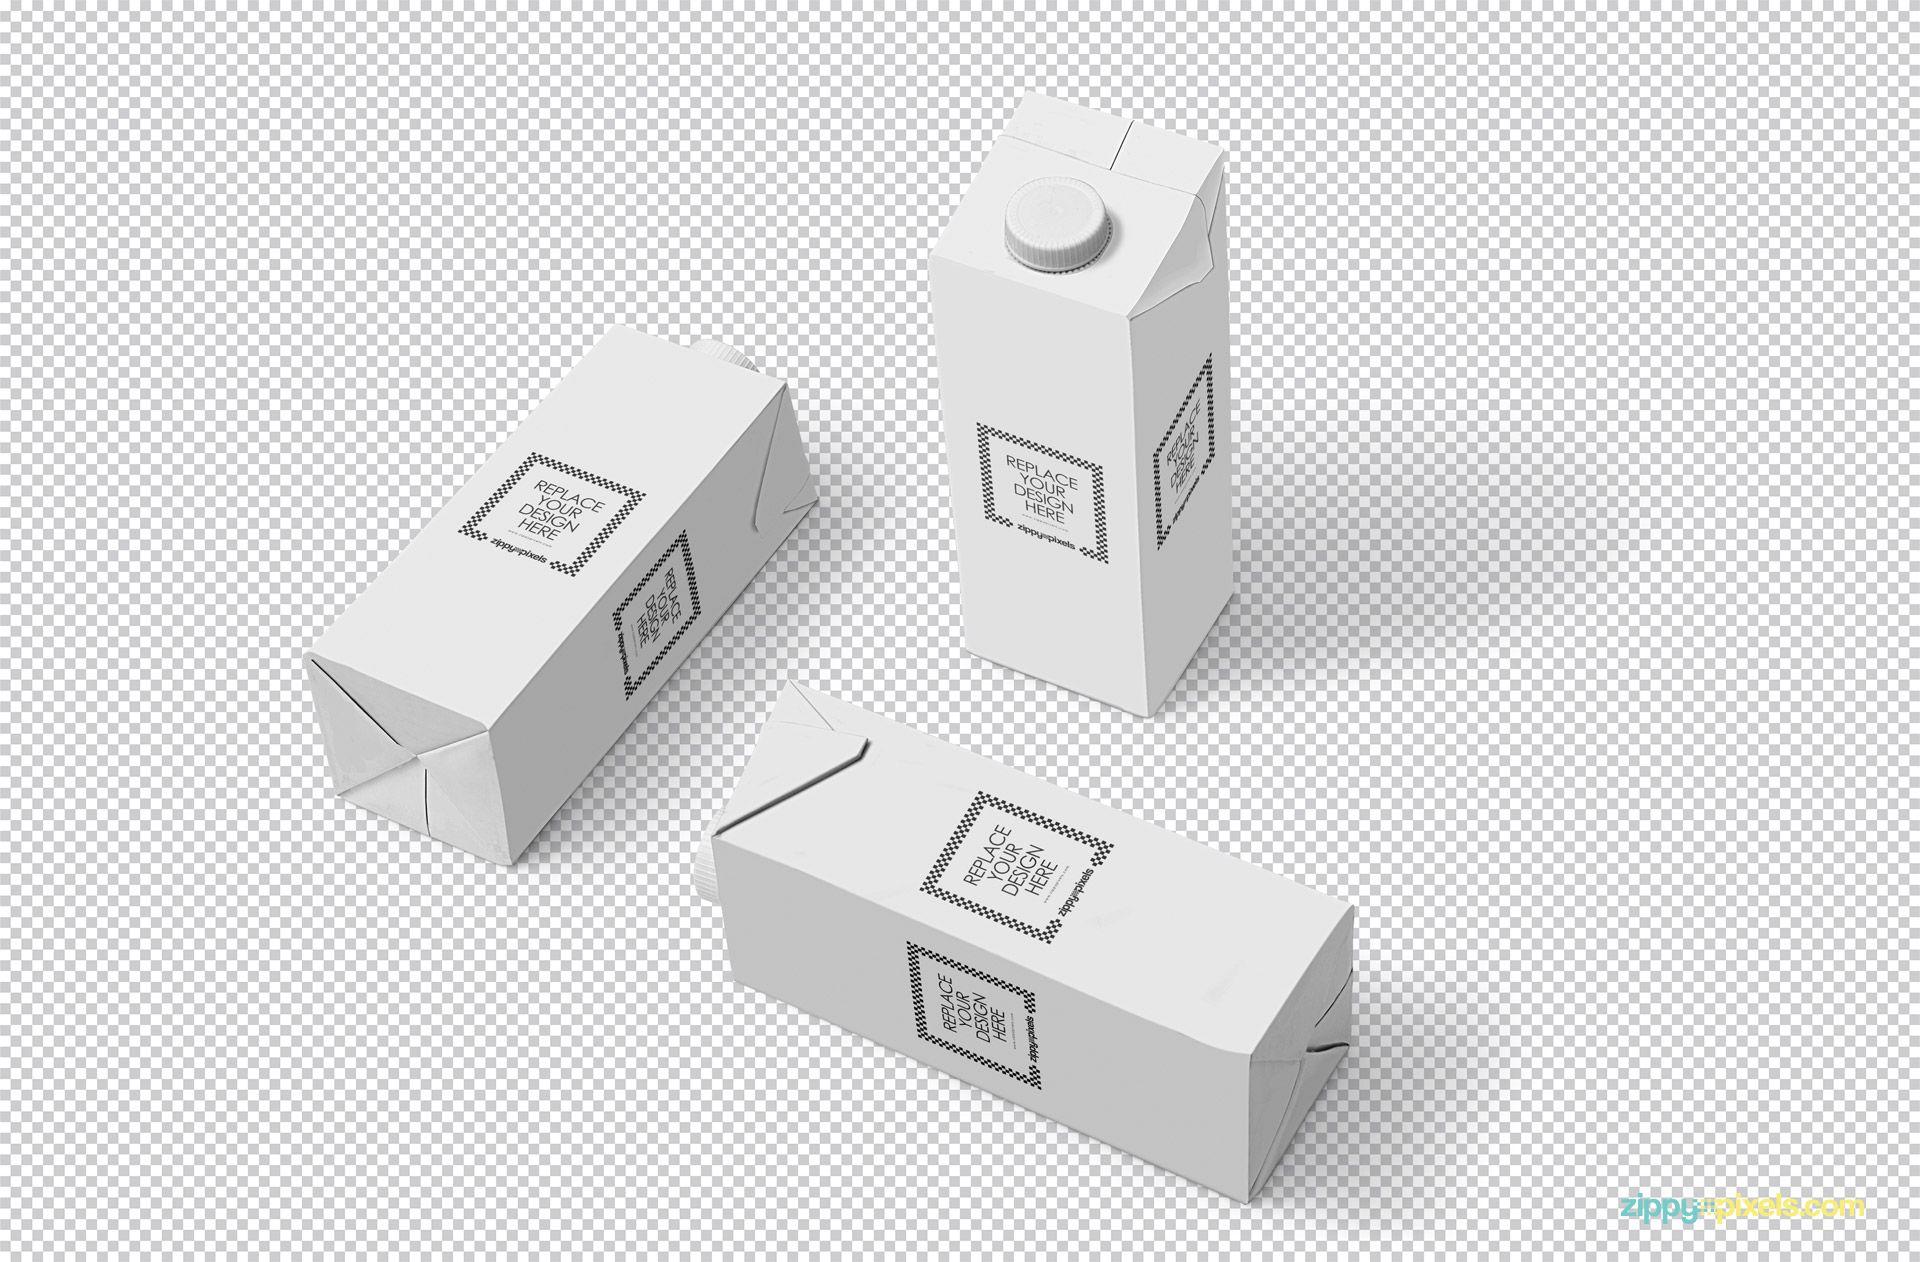 Download Free Milk Carton Mockup Zippypixels Box Mockup Free Packaging Mockup Carton Box